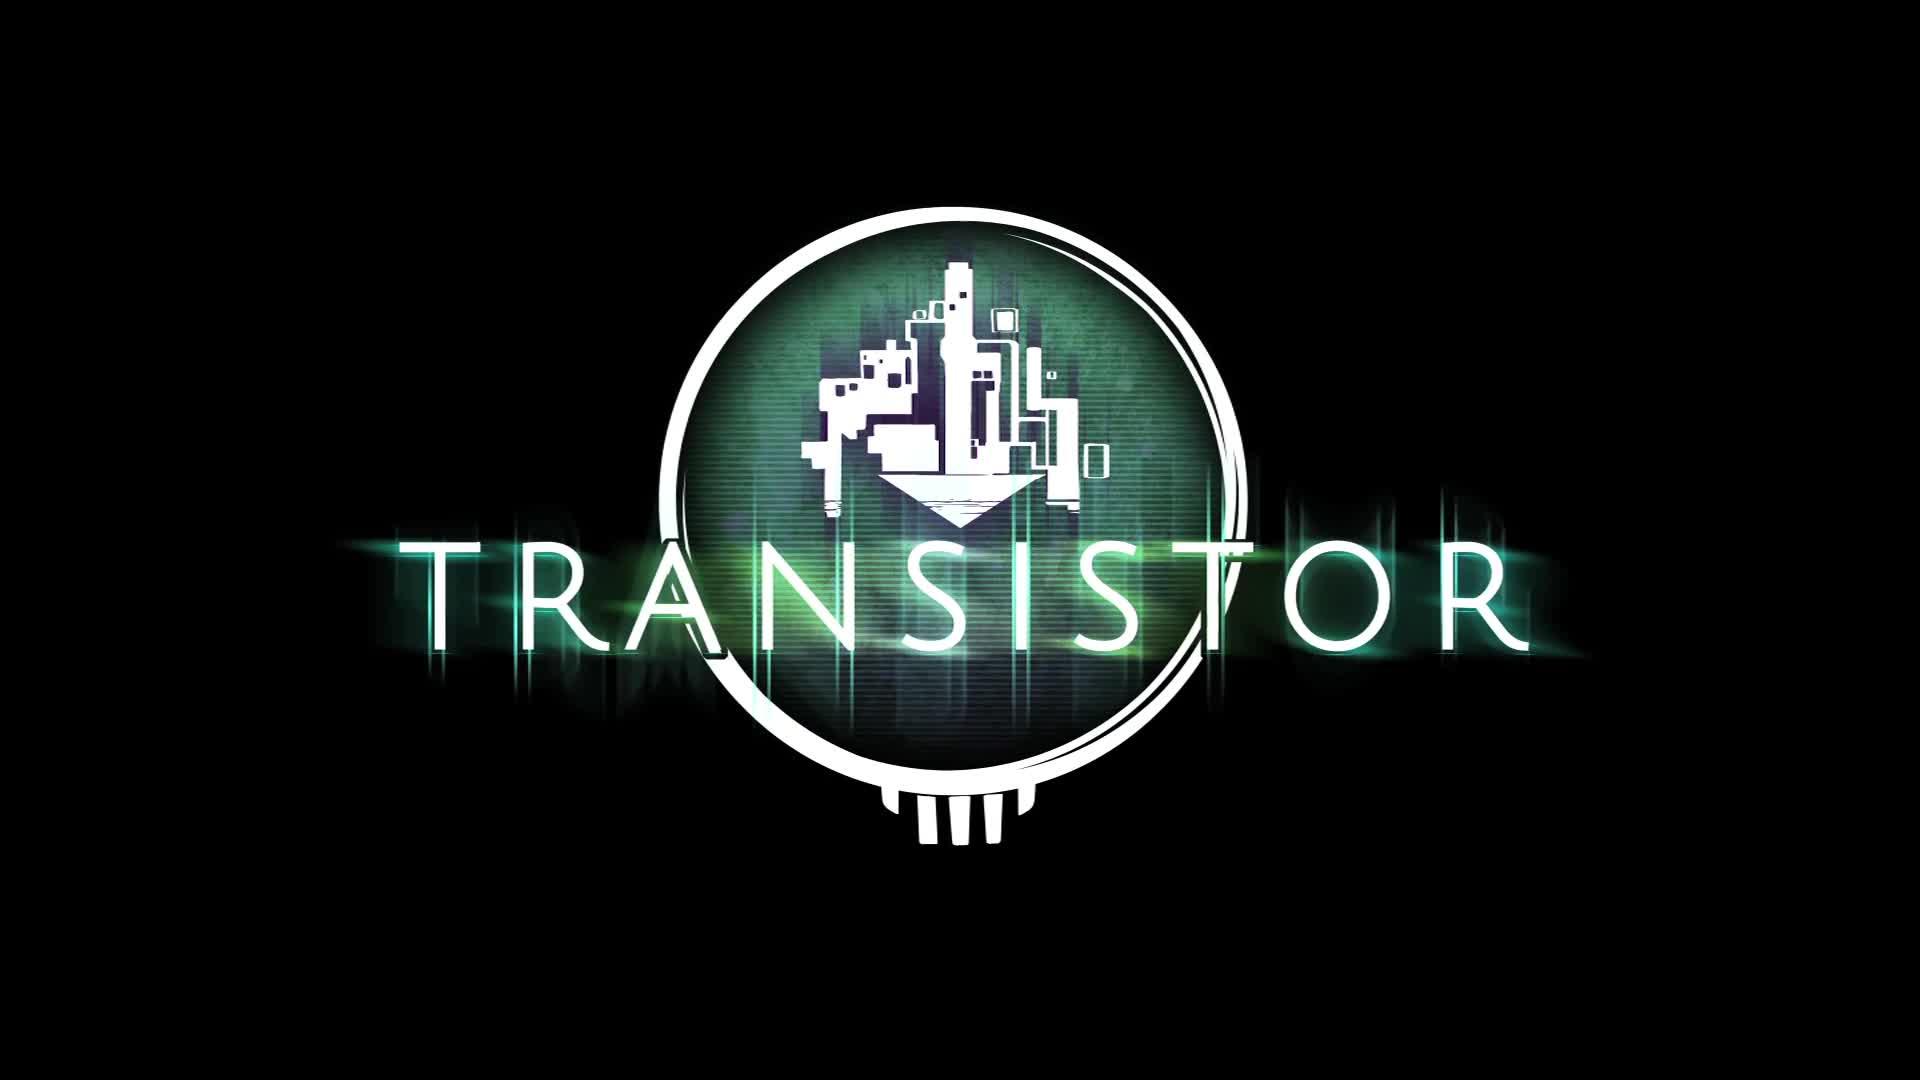 TRANSISTOR game anime logo g wallpaper | 1920x1080 ...